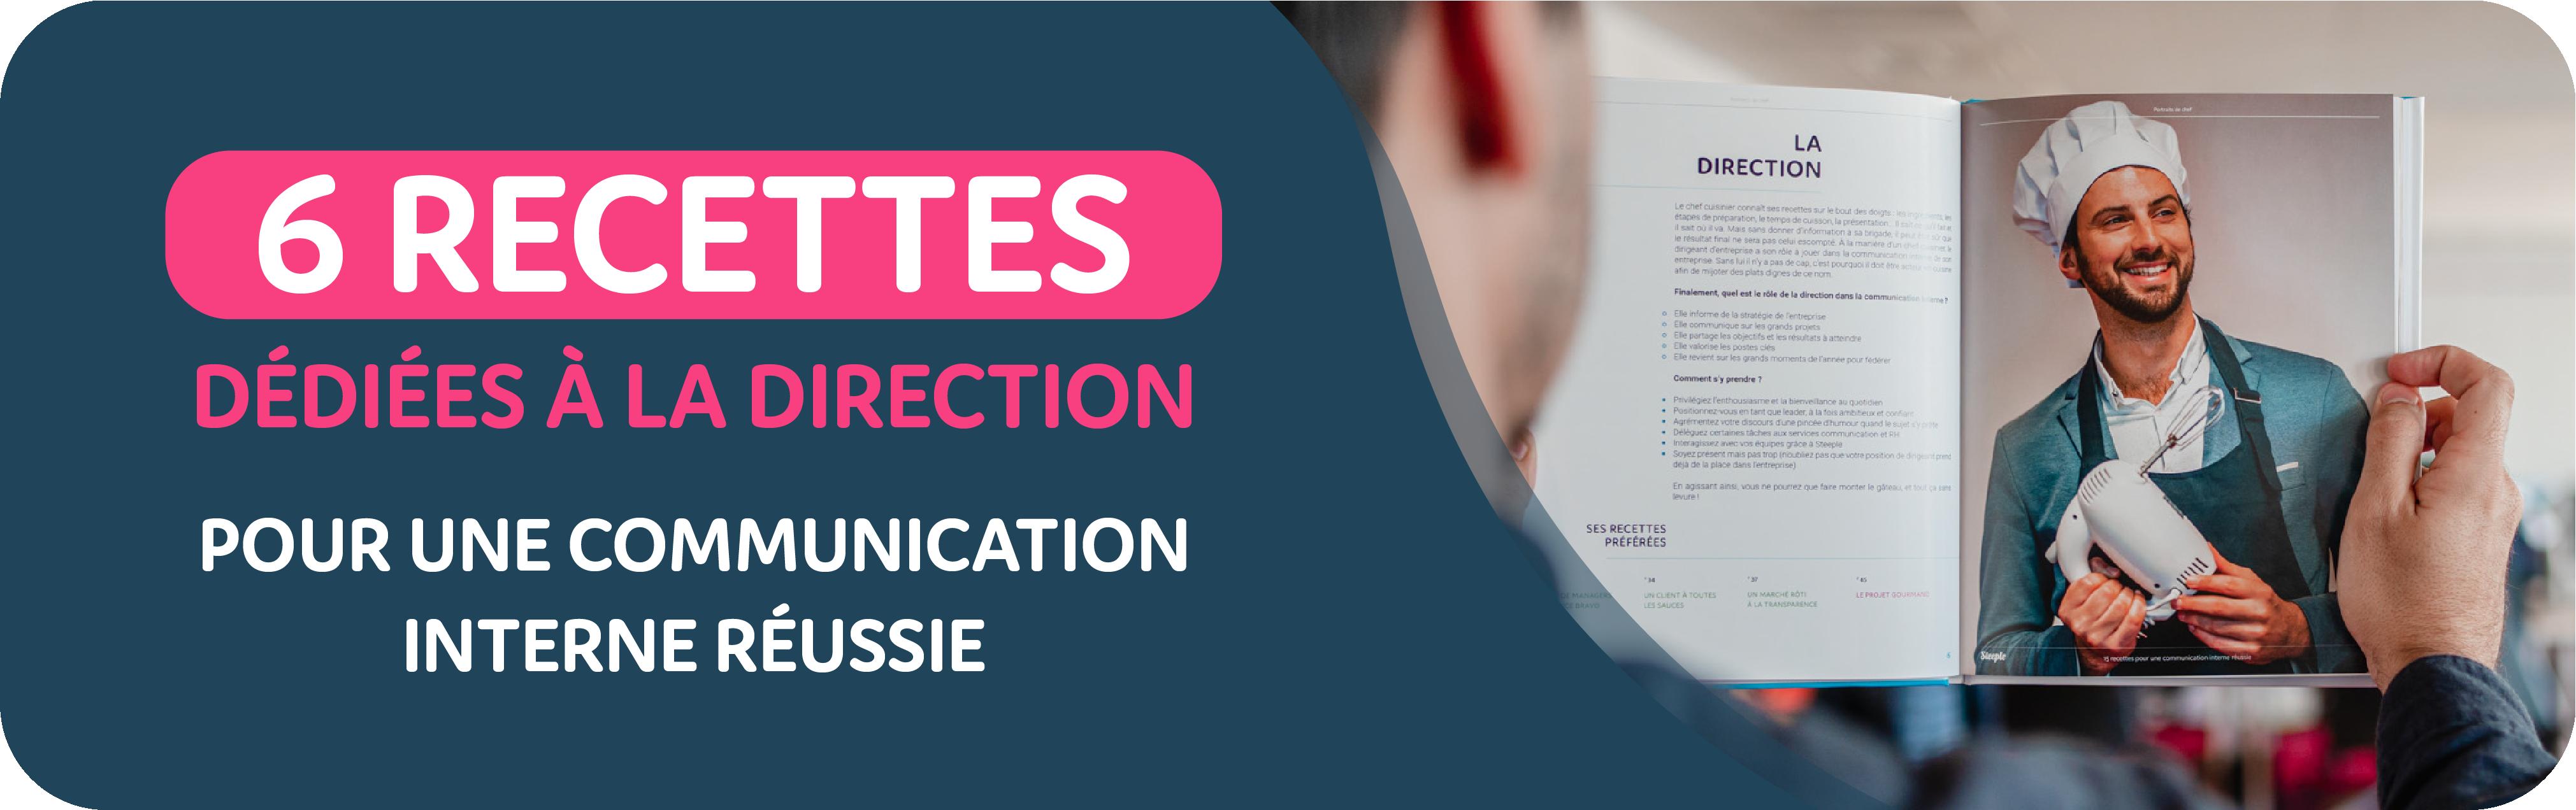 CTA-Direction-6-recettes-com-interne-reussie_LP